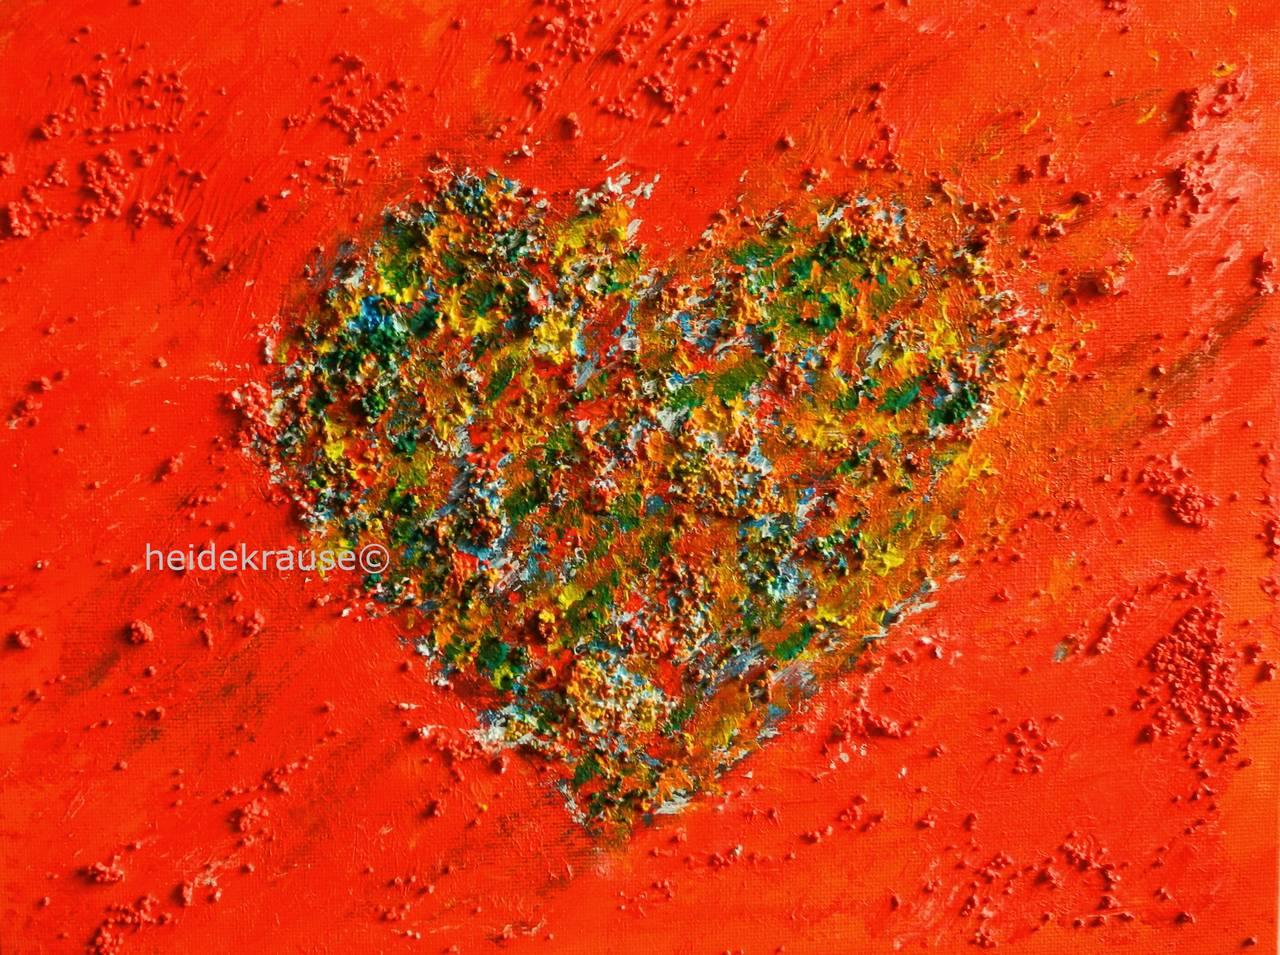 Herzlich - Acryl